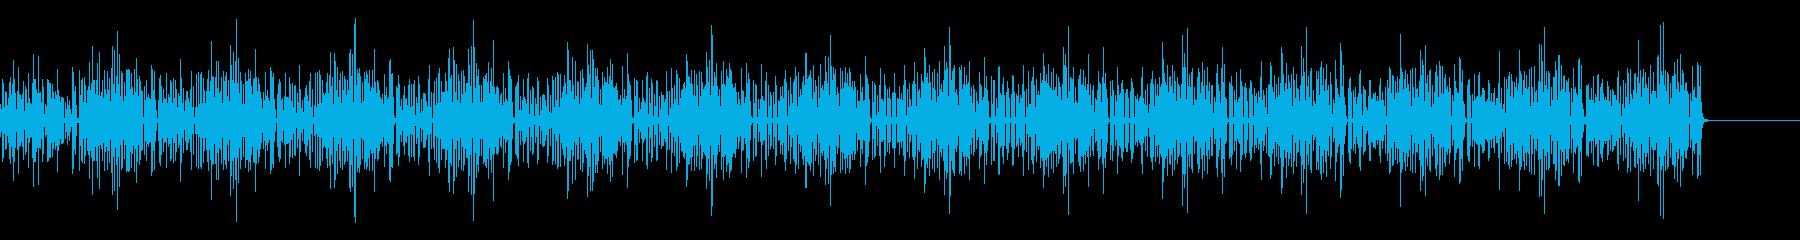 おもちゃのピアノによるかわいらしい曲の再生済みの波形